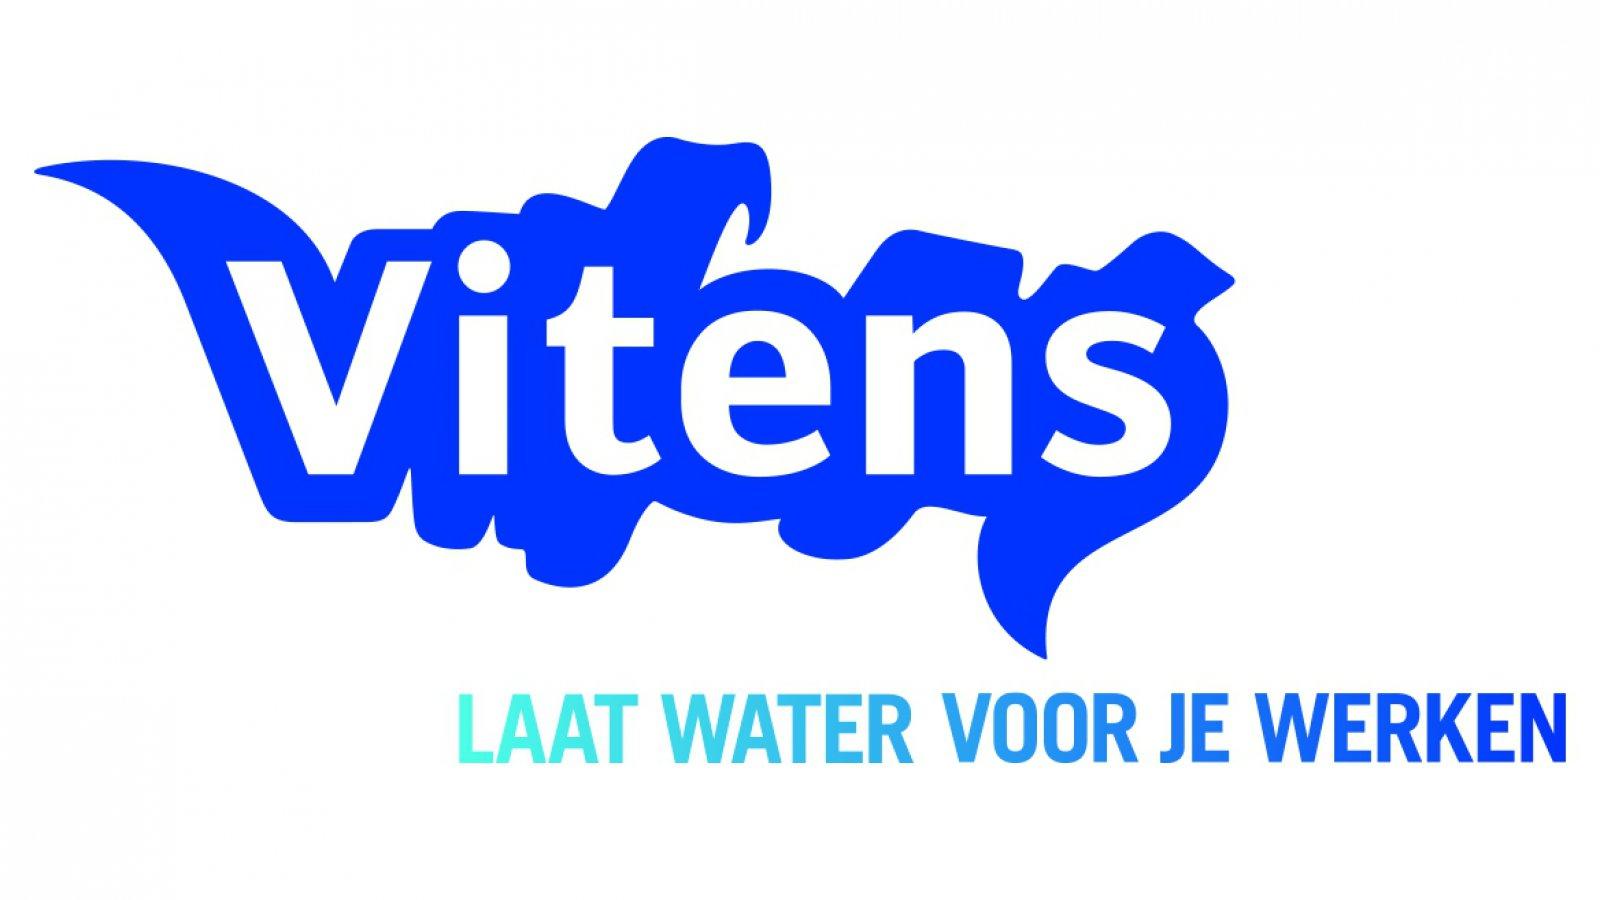 https://www.waterforlife.nl/files/visuals/_1600x900_fit_center-center_85_none/logo-Vitens-website.jpg